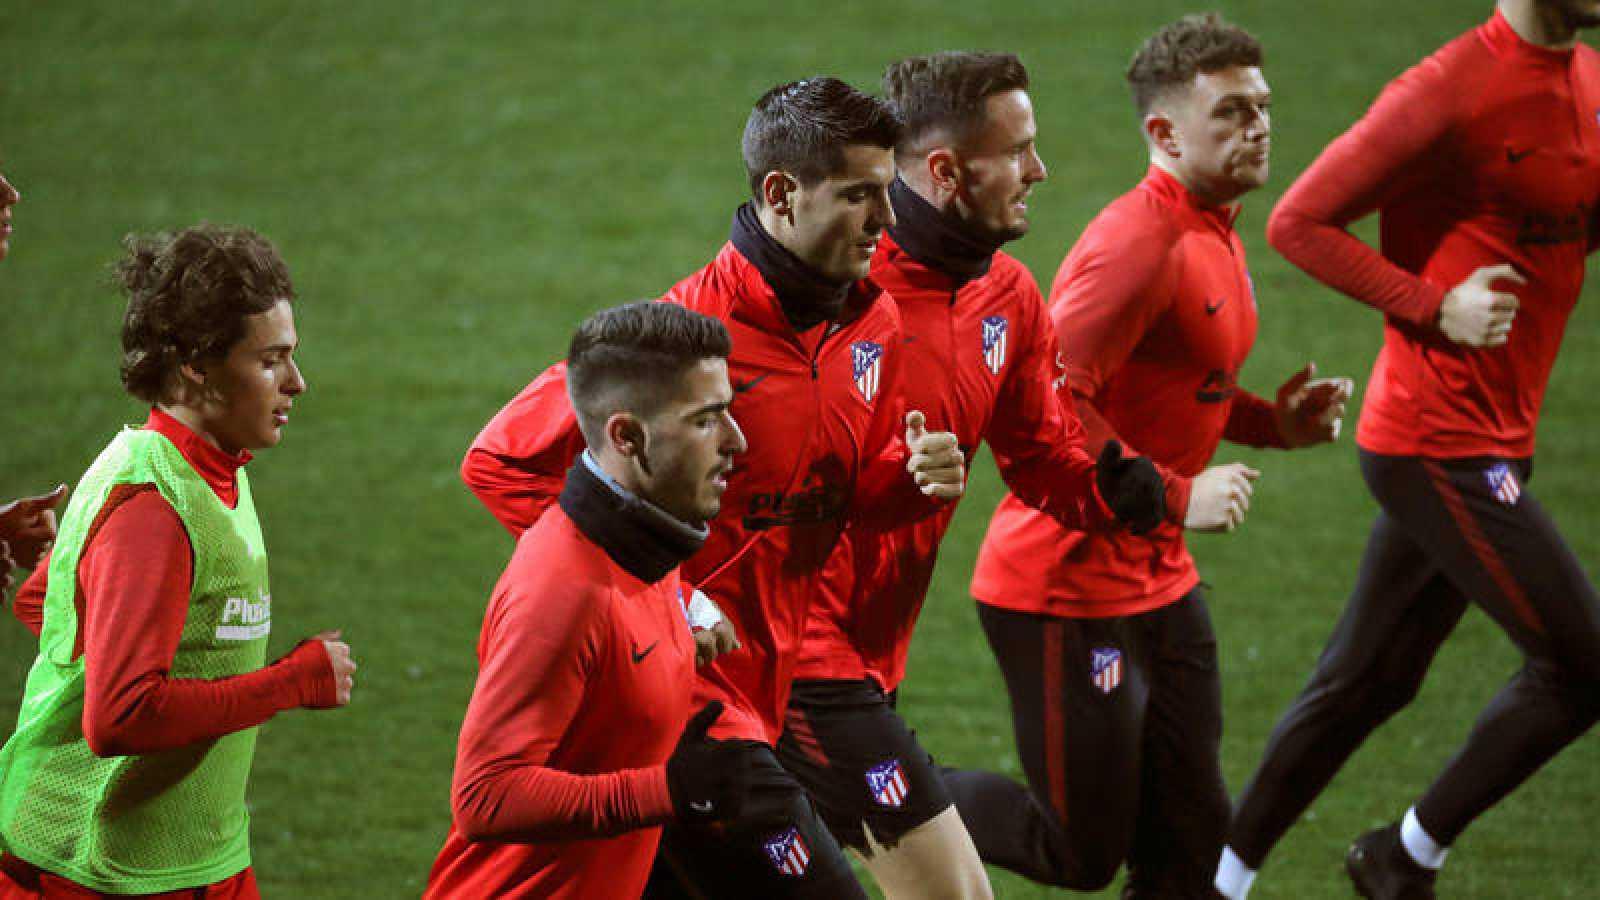 El Atlético de Madrid se prepara para su enfrentamiento contra el Levante UD.